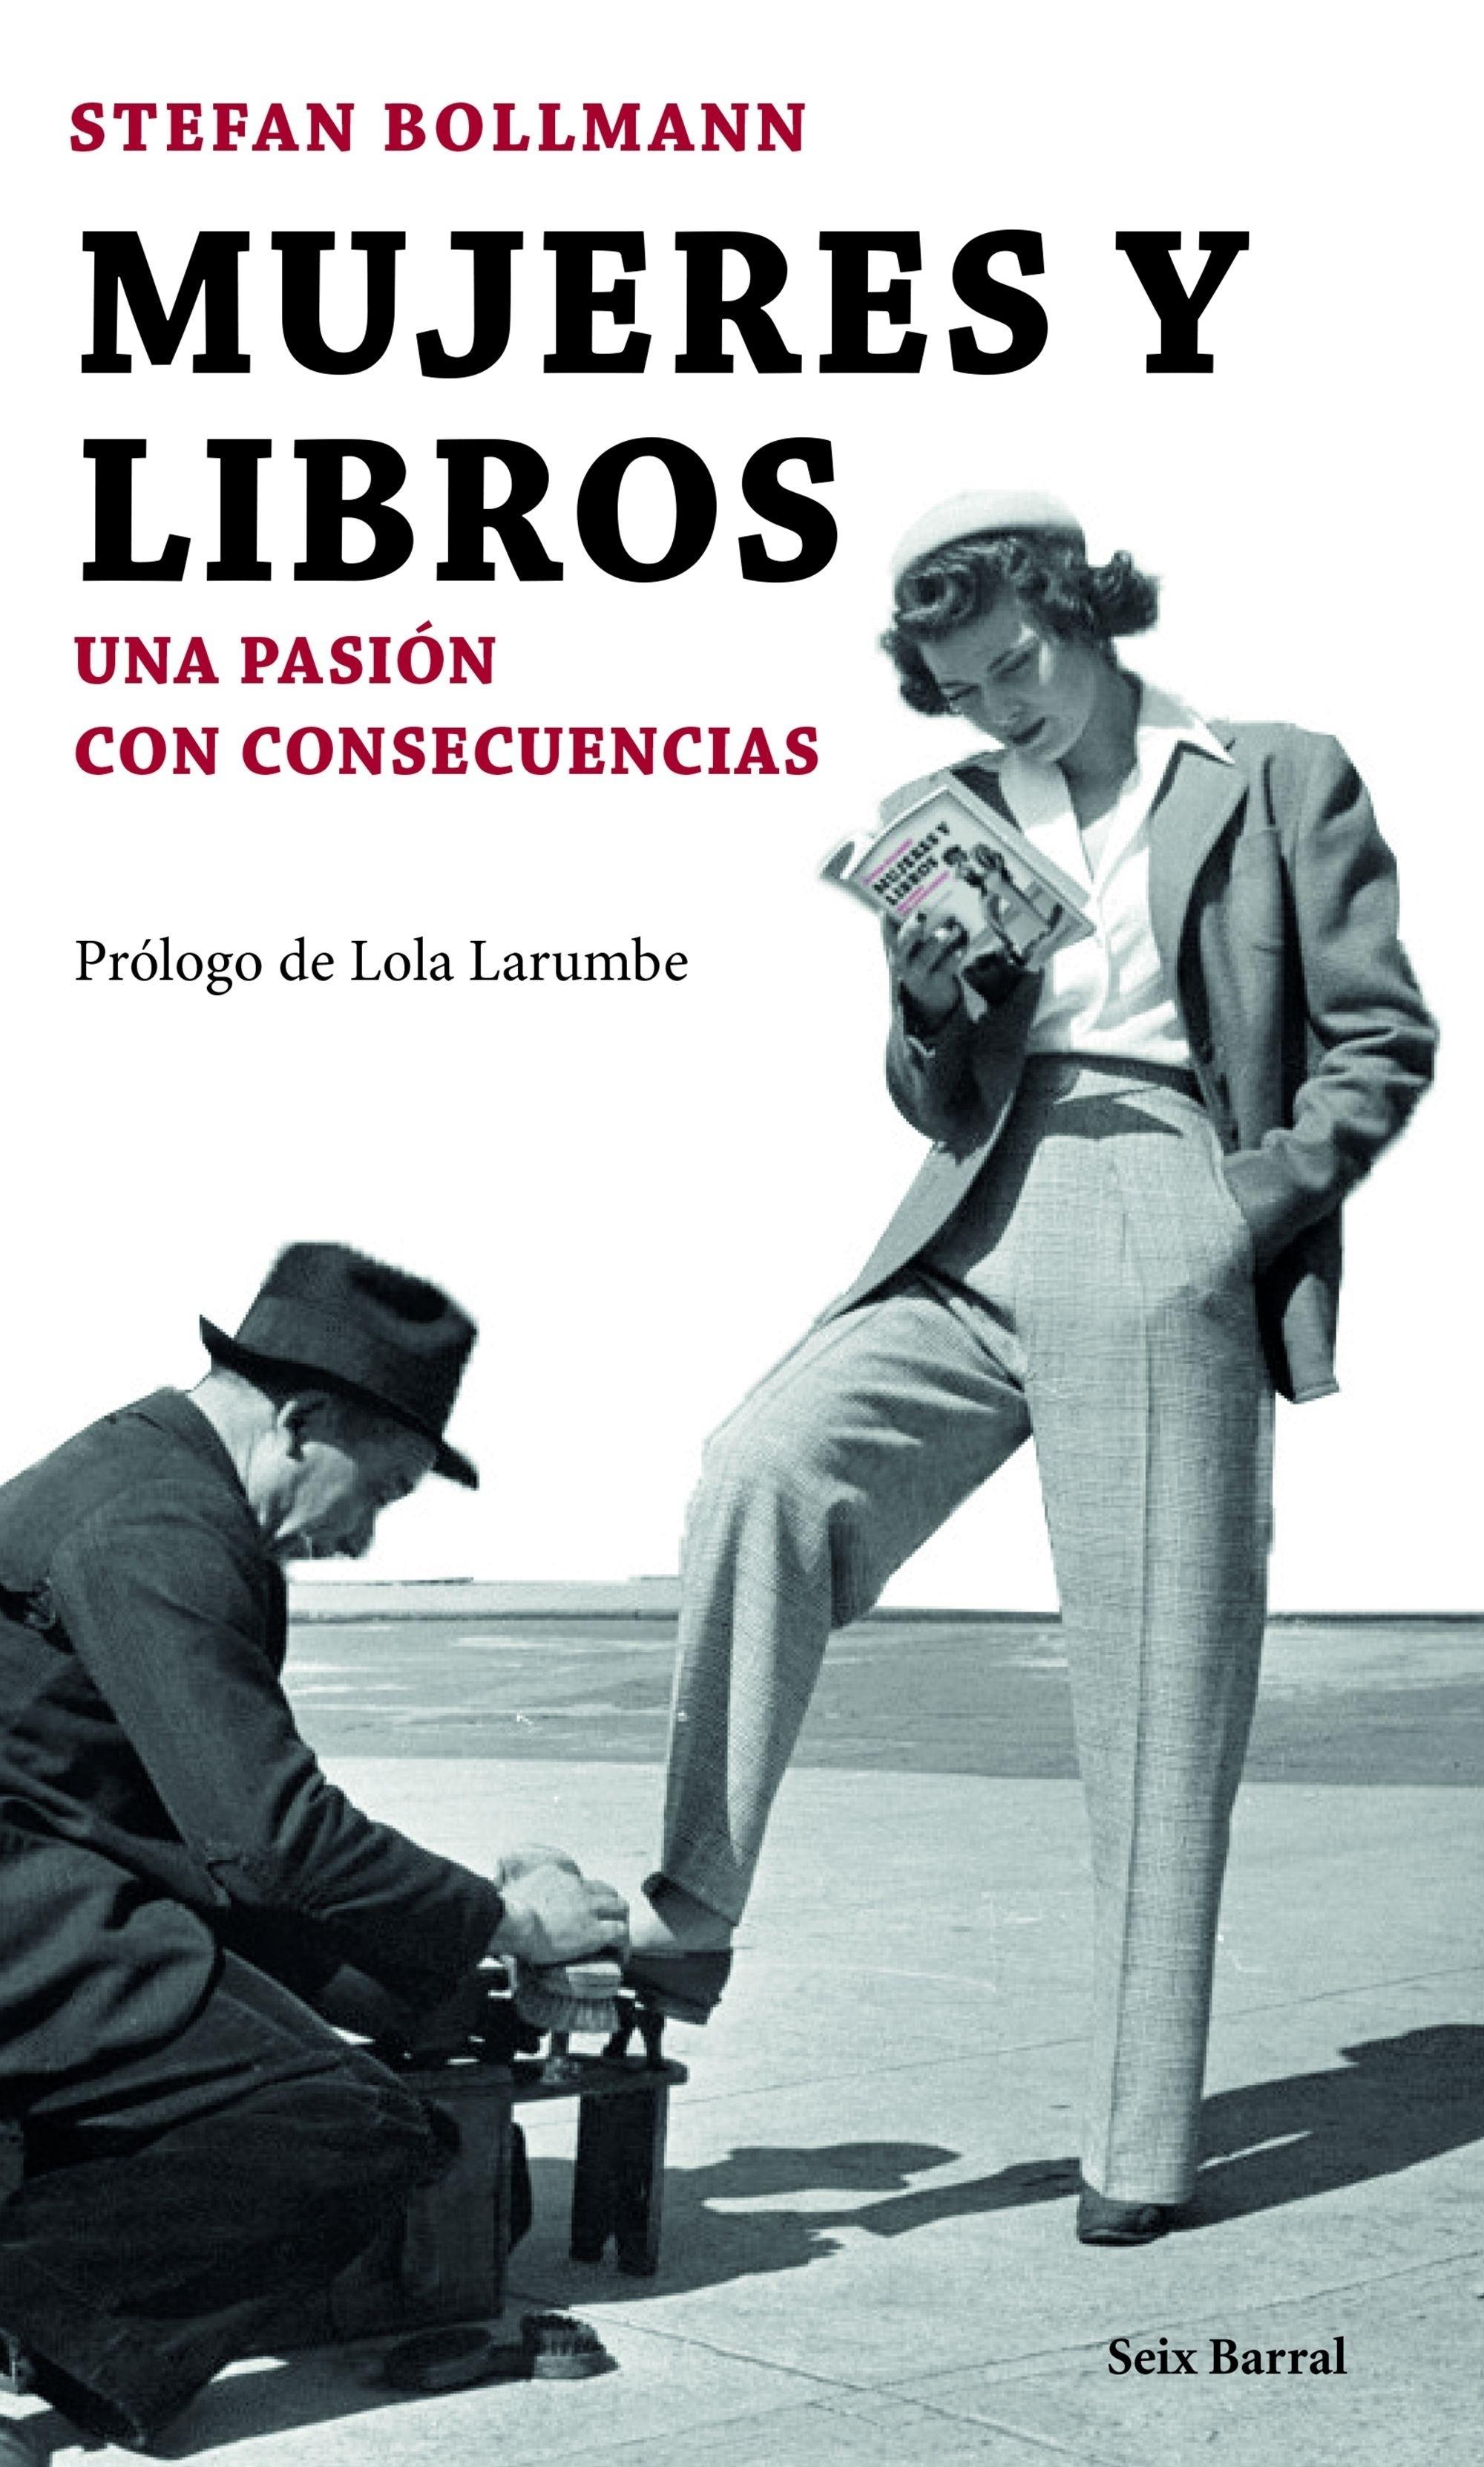 Libro: Mujeres y libros 'Una pasión con consecuencias' - Bollmann, Stefan